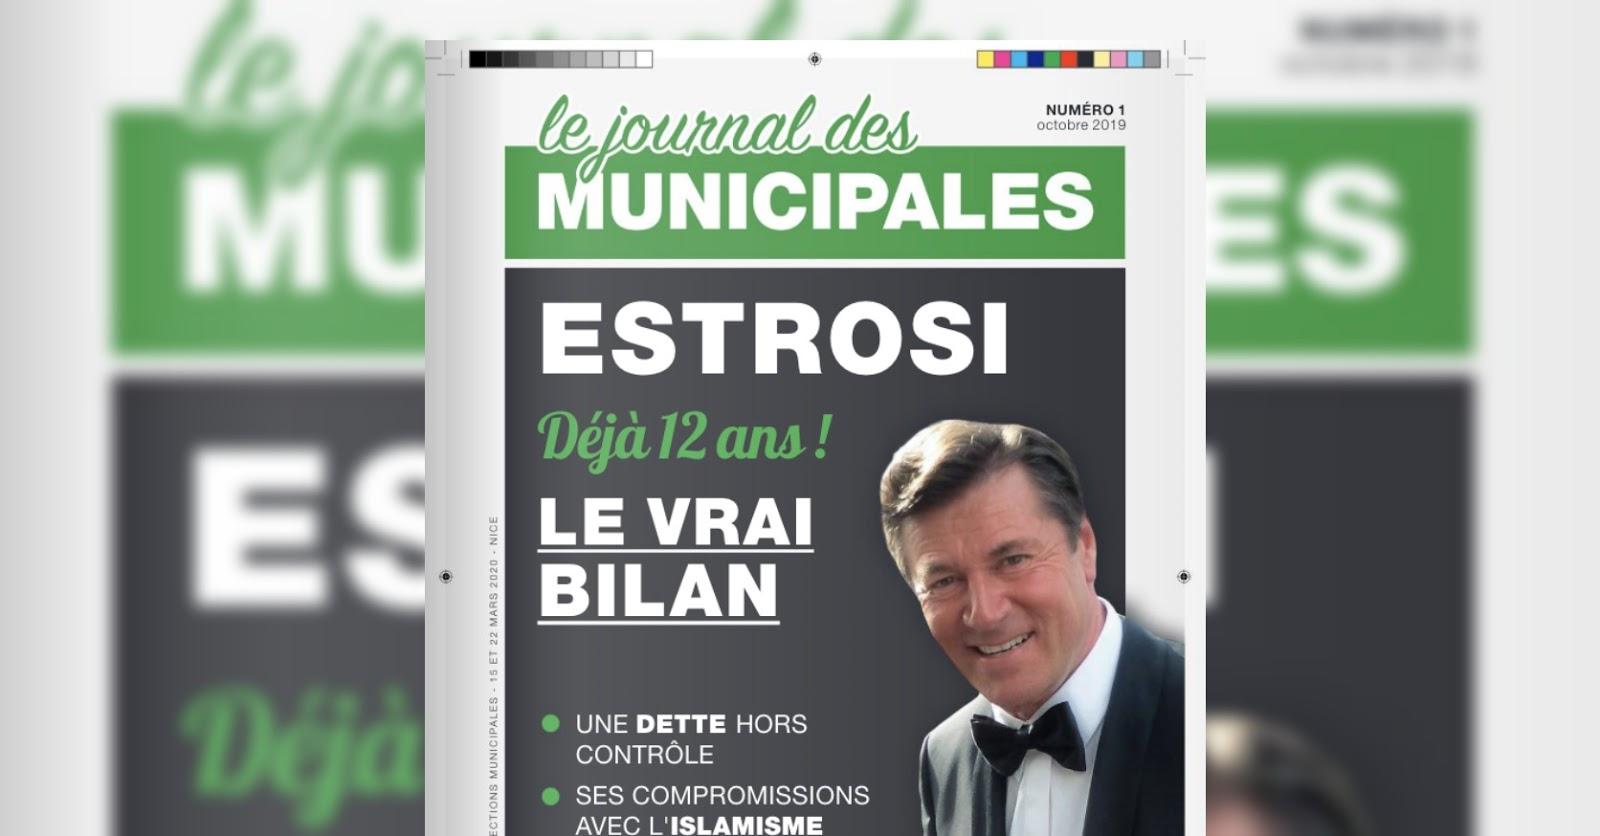 """ENQUÊTE. A Nice, cet incendiaire """"Journal des municipales"""" qui cache bien son jeu"""